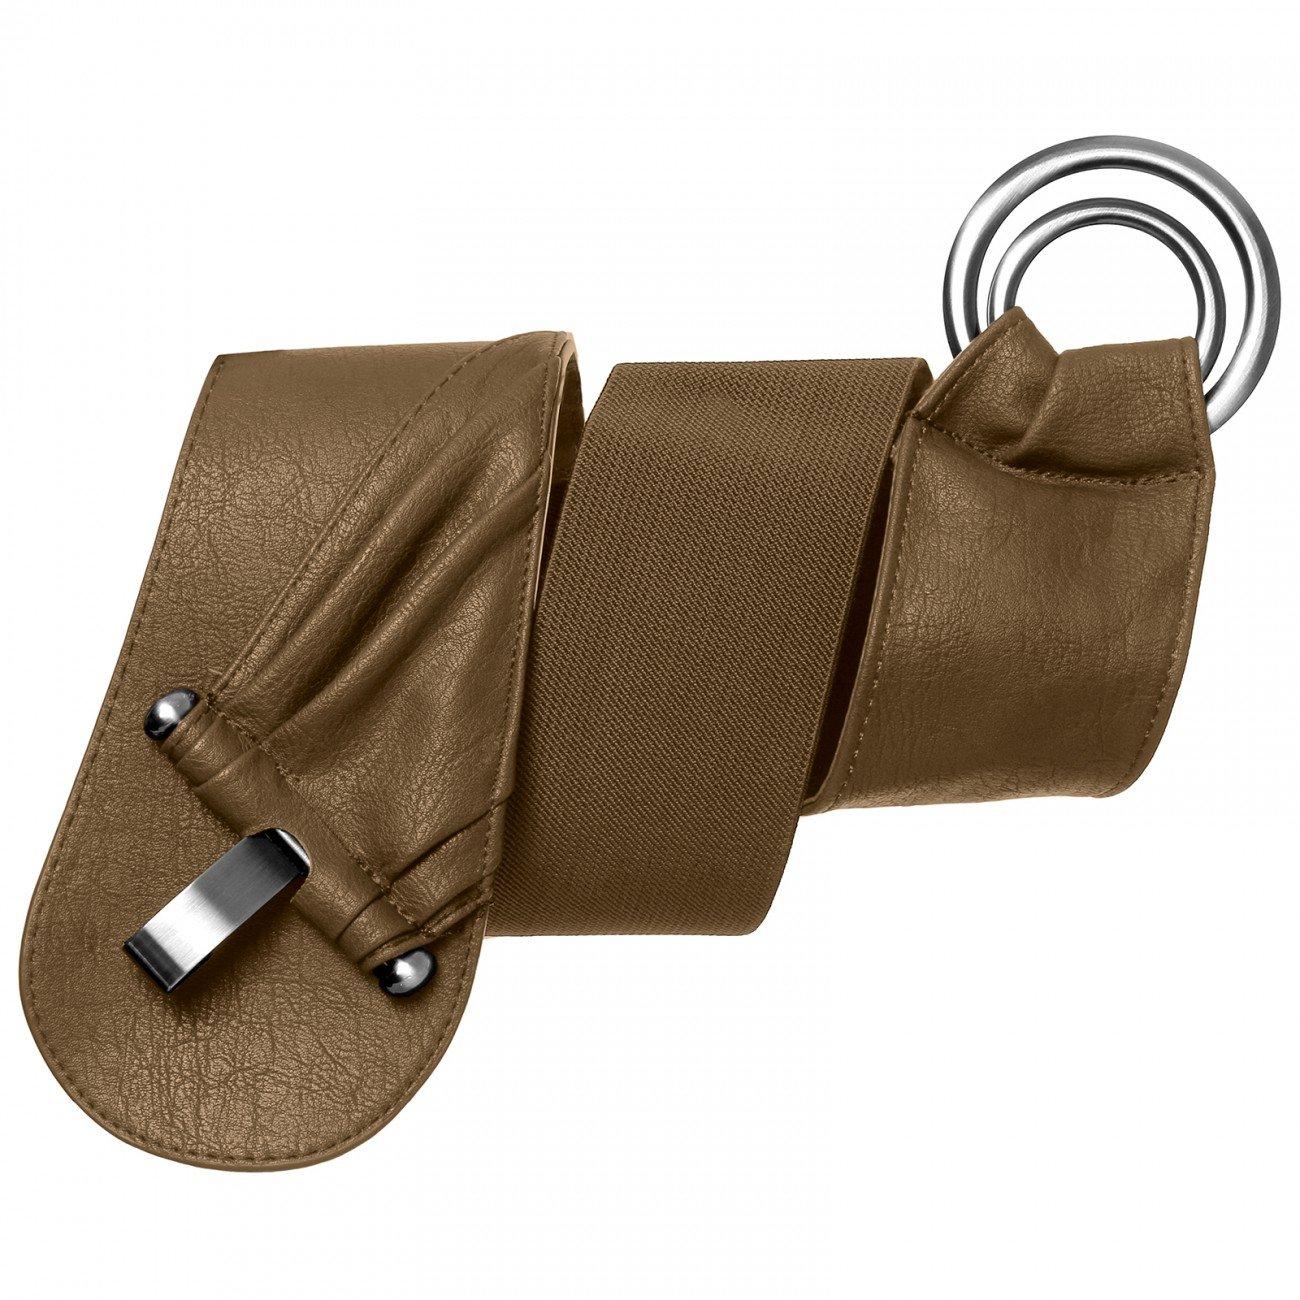 CASPAR GU246 elastischer breiter Damen Stretchg/ürtel//Tailleng/ürtel mit Gummizug